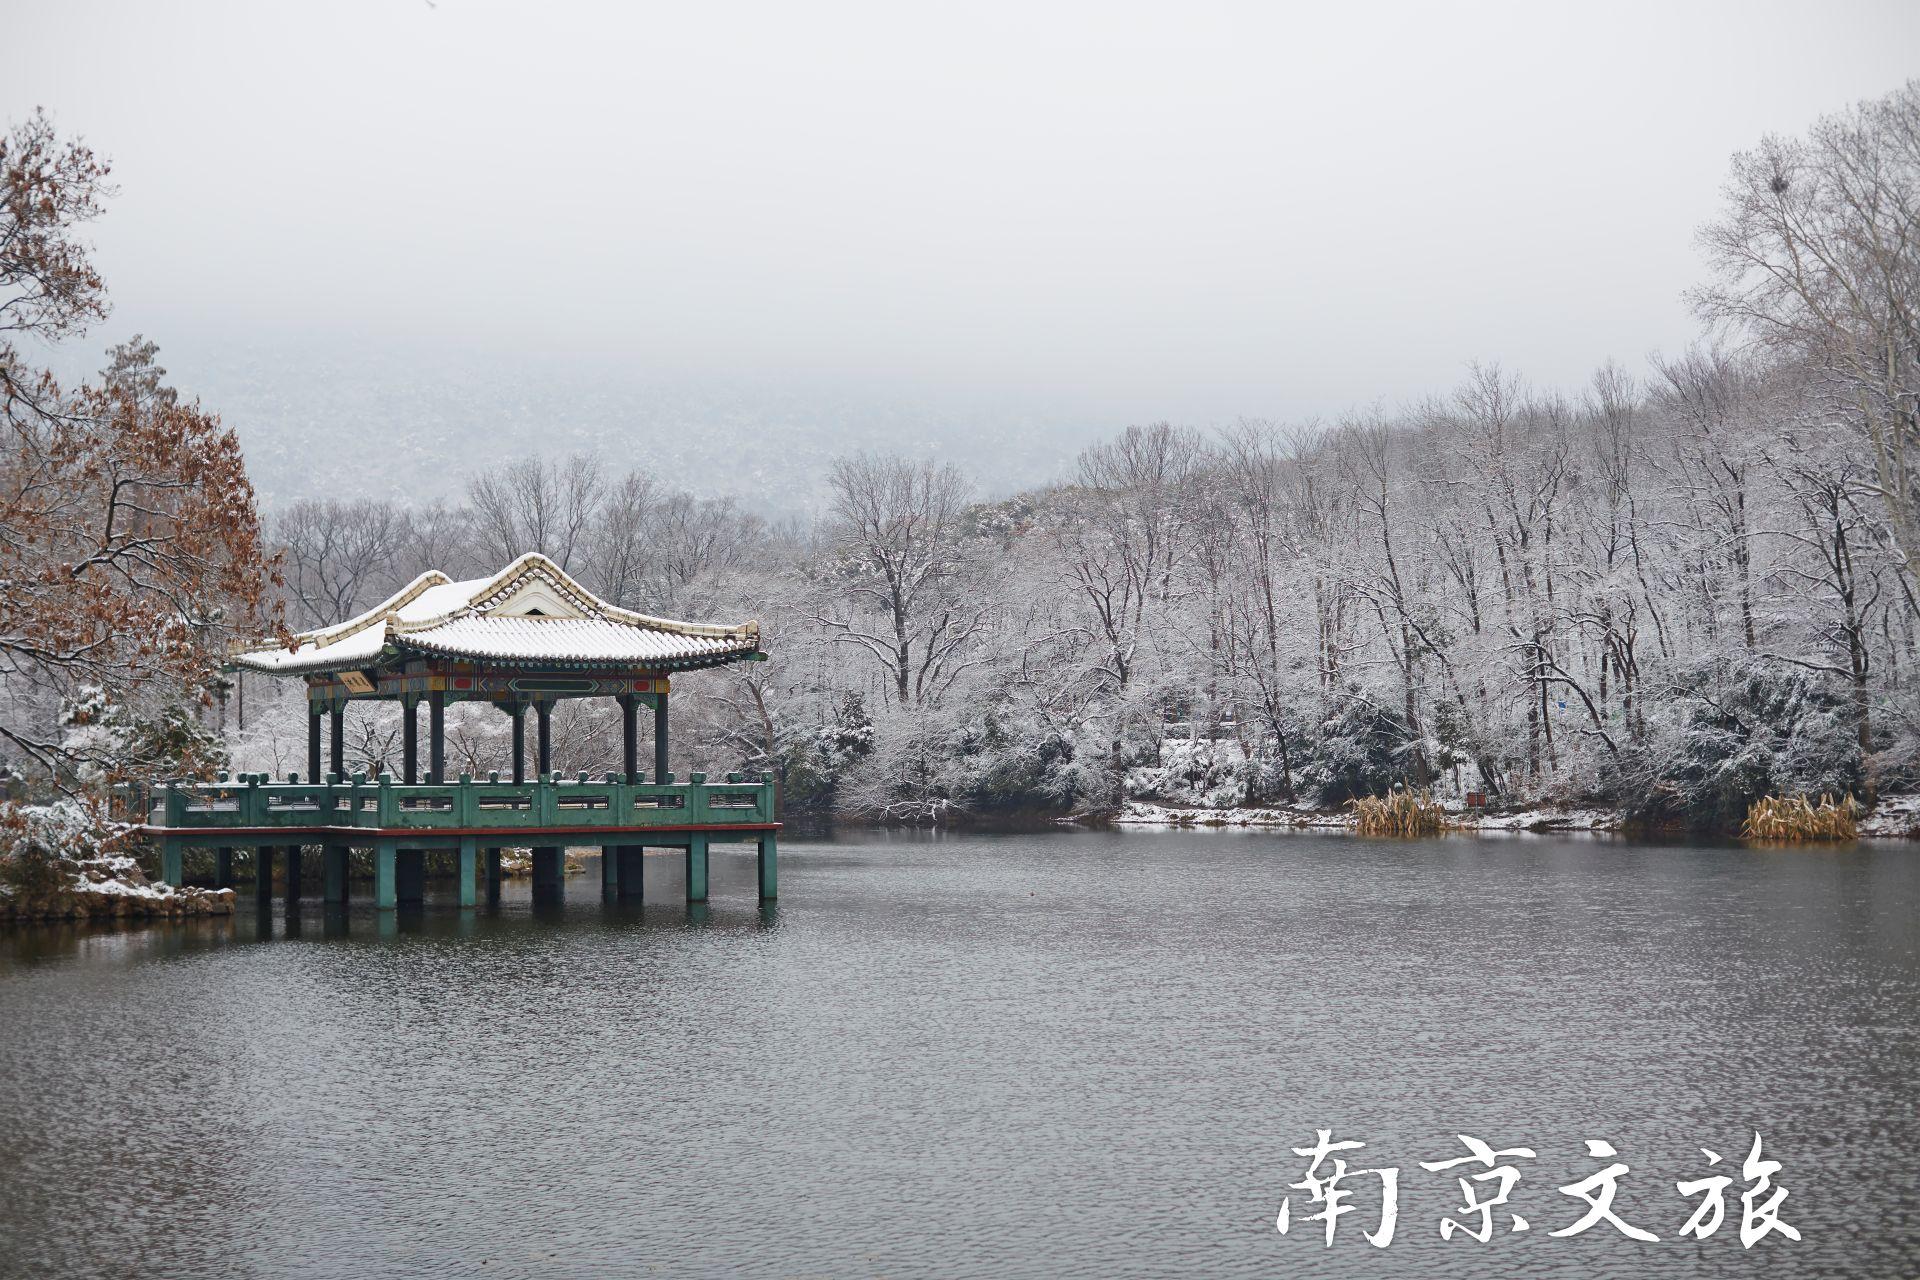 Liuhui Pavilion